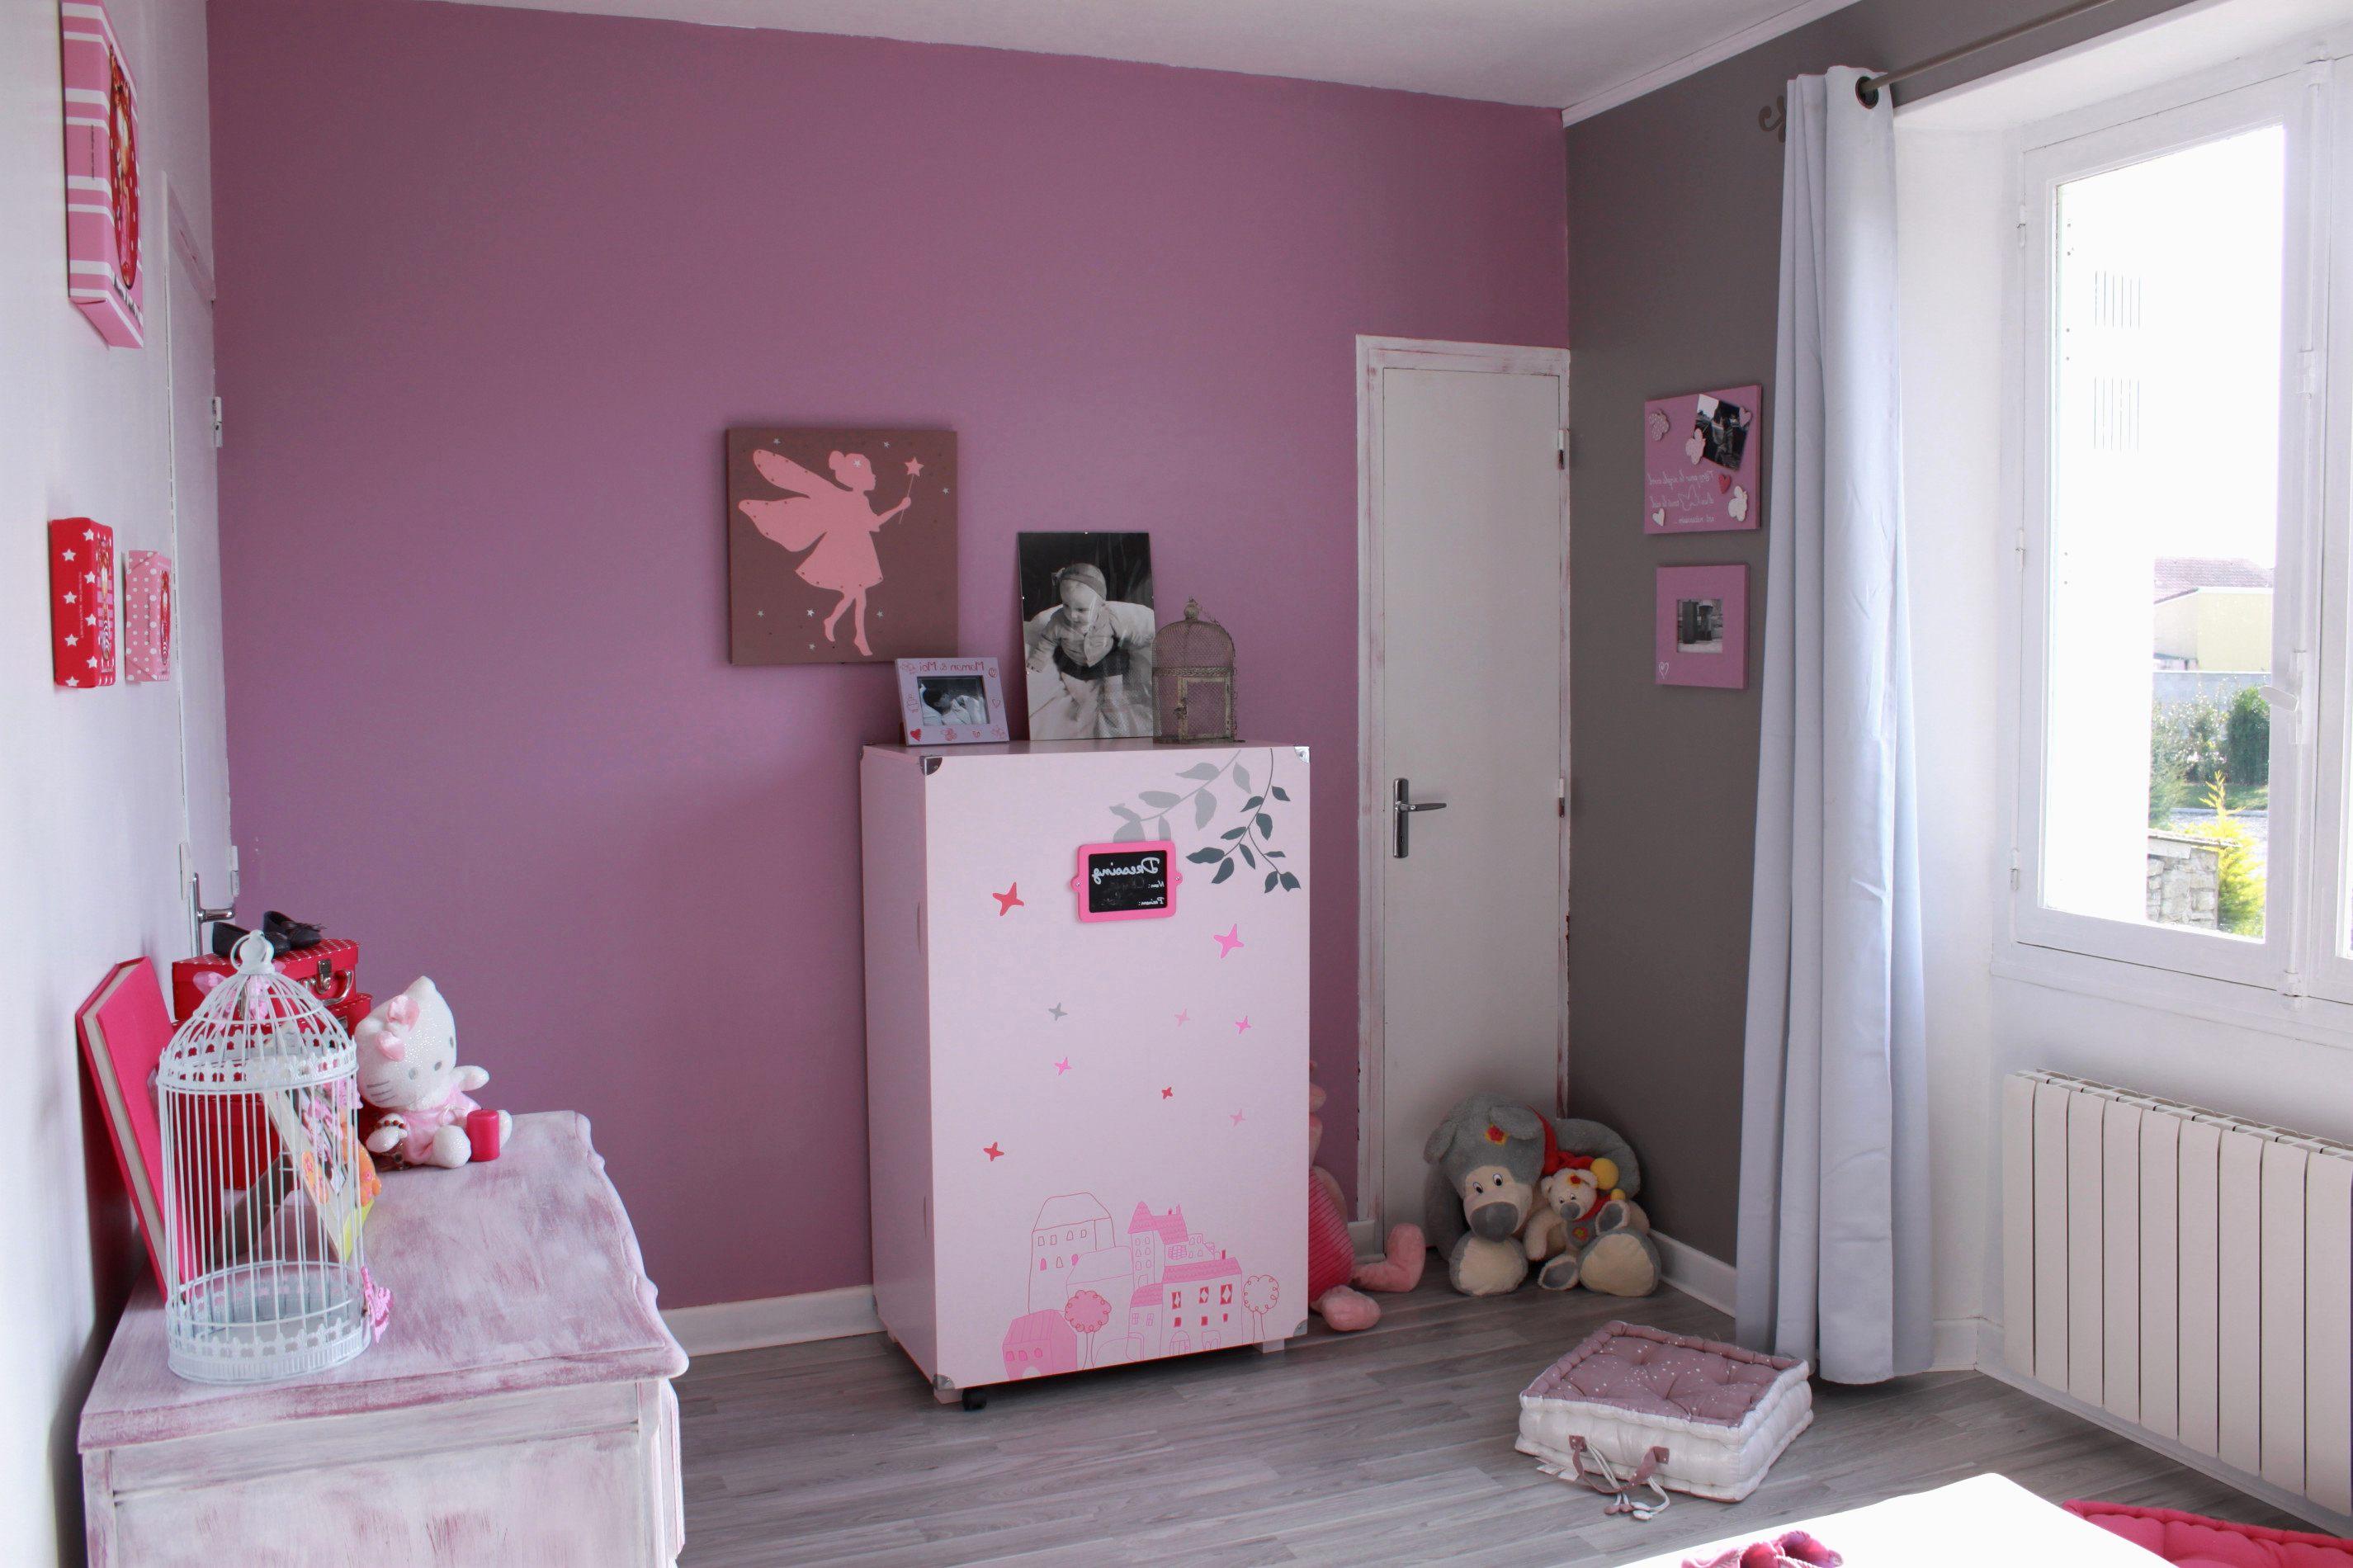 Lit Bébé Avec Tiroir Bel Armoire A Clé Lustre Chambre Bébé Fille élégant Parc B C3 A9b C3 A9